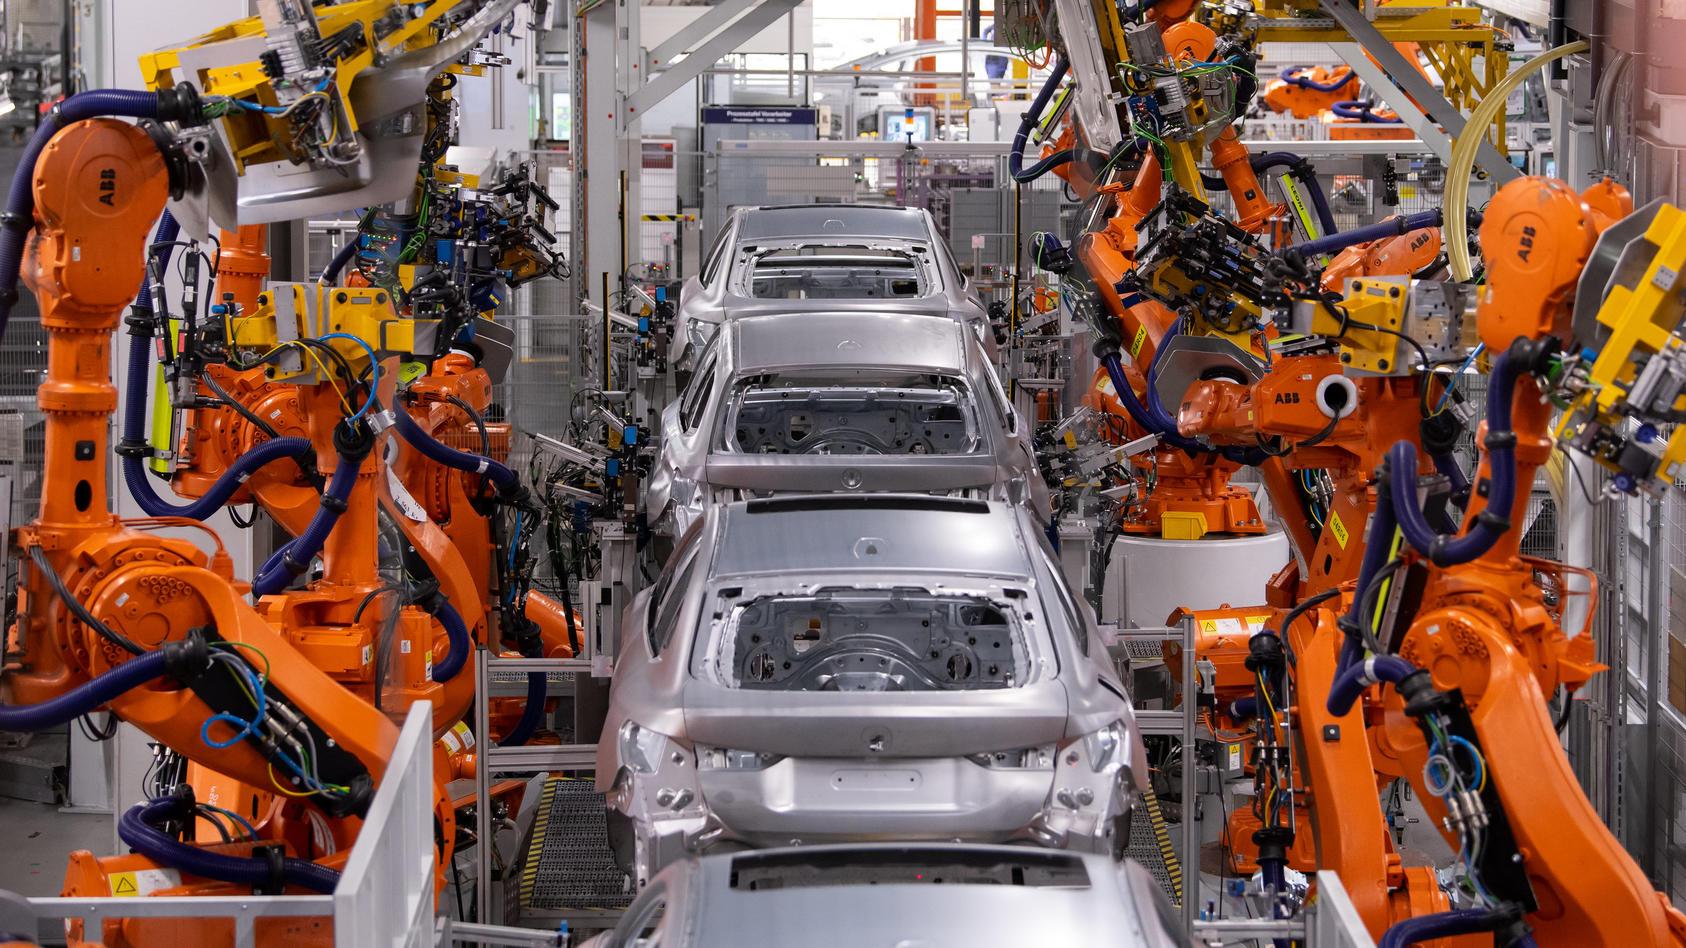 in-der-serienproduktion-des-bmw-i4-bauen-hauptsachlich-roboter-die-fahrzeuge-zusammen